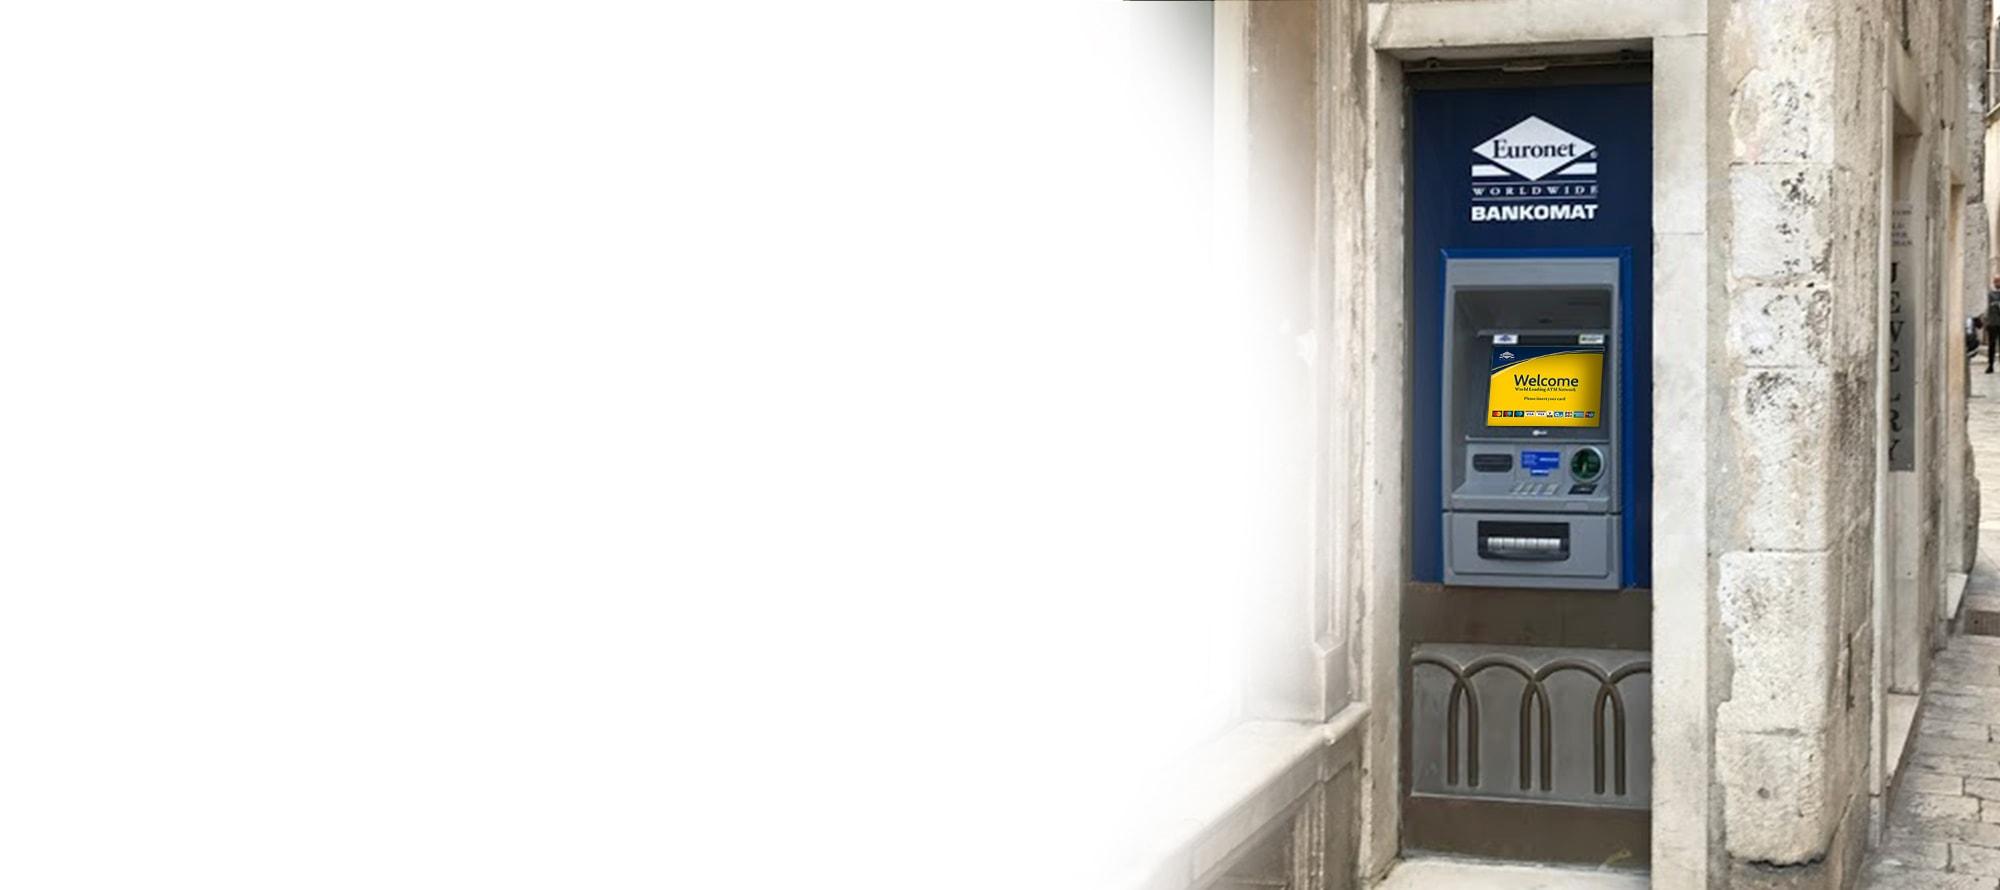 Mi ćemo upravljati bankomatom i održavati ga za Vas, osiguravajući visoku razinu usluge za Vaše kupce.